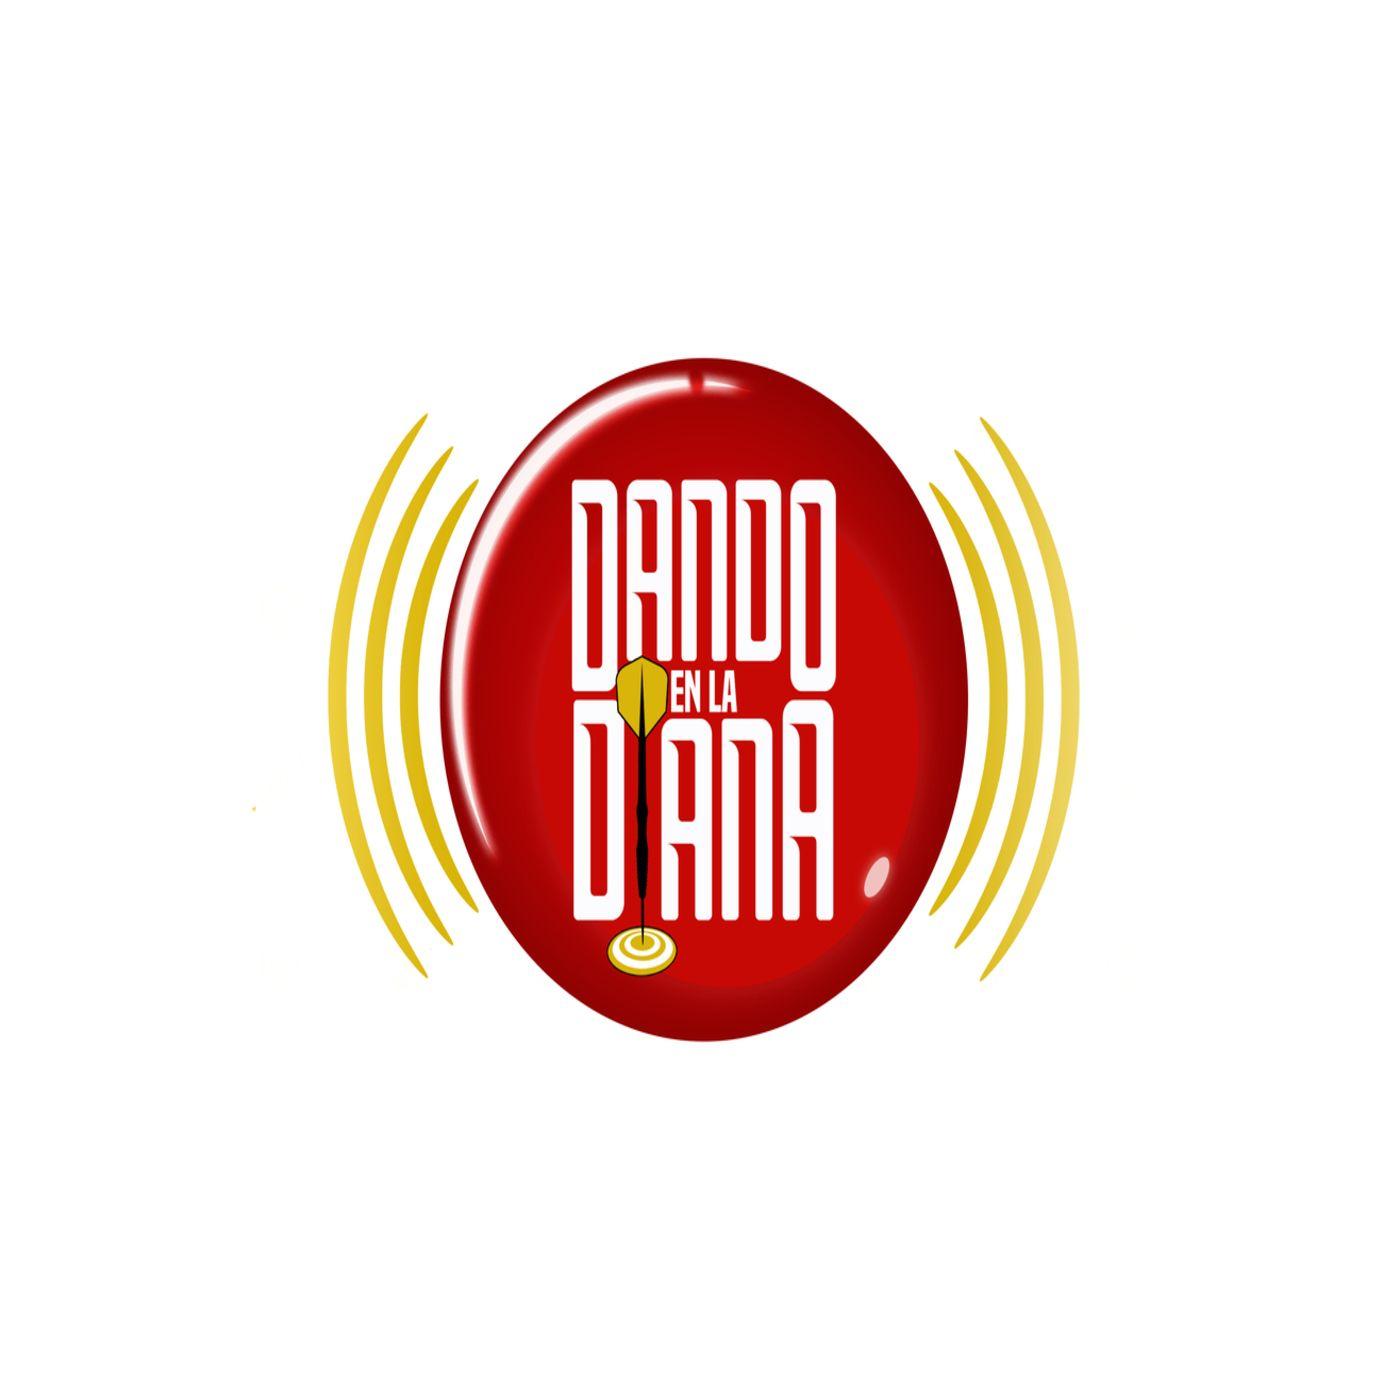 Dando en la Diana - Episodio 86 - 29 Diciembre 2020 - Ing. Camilo